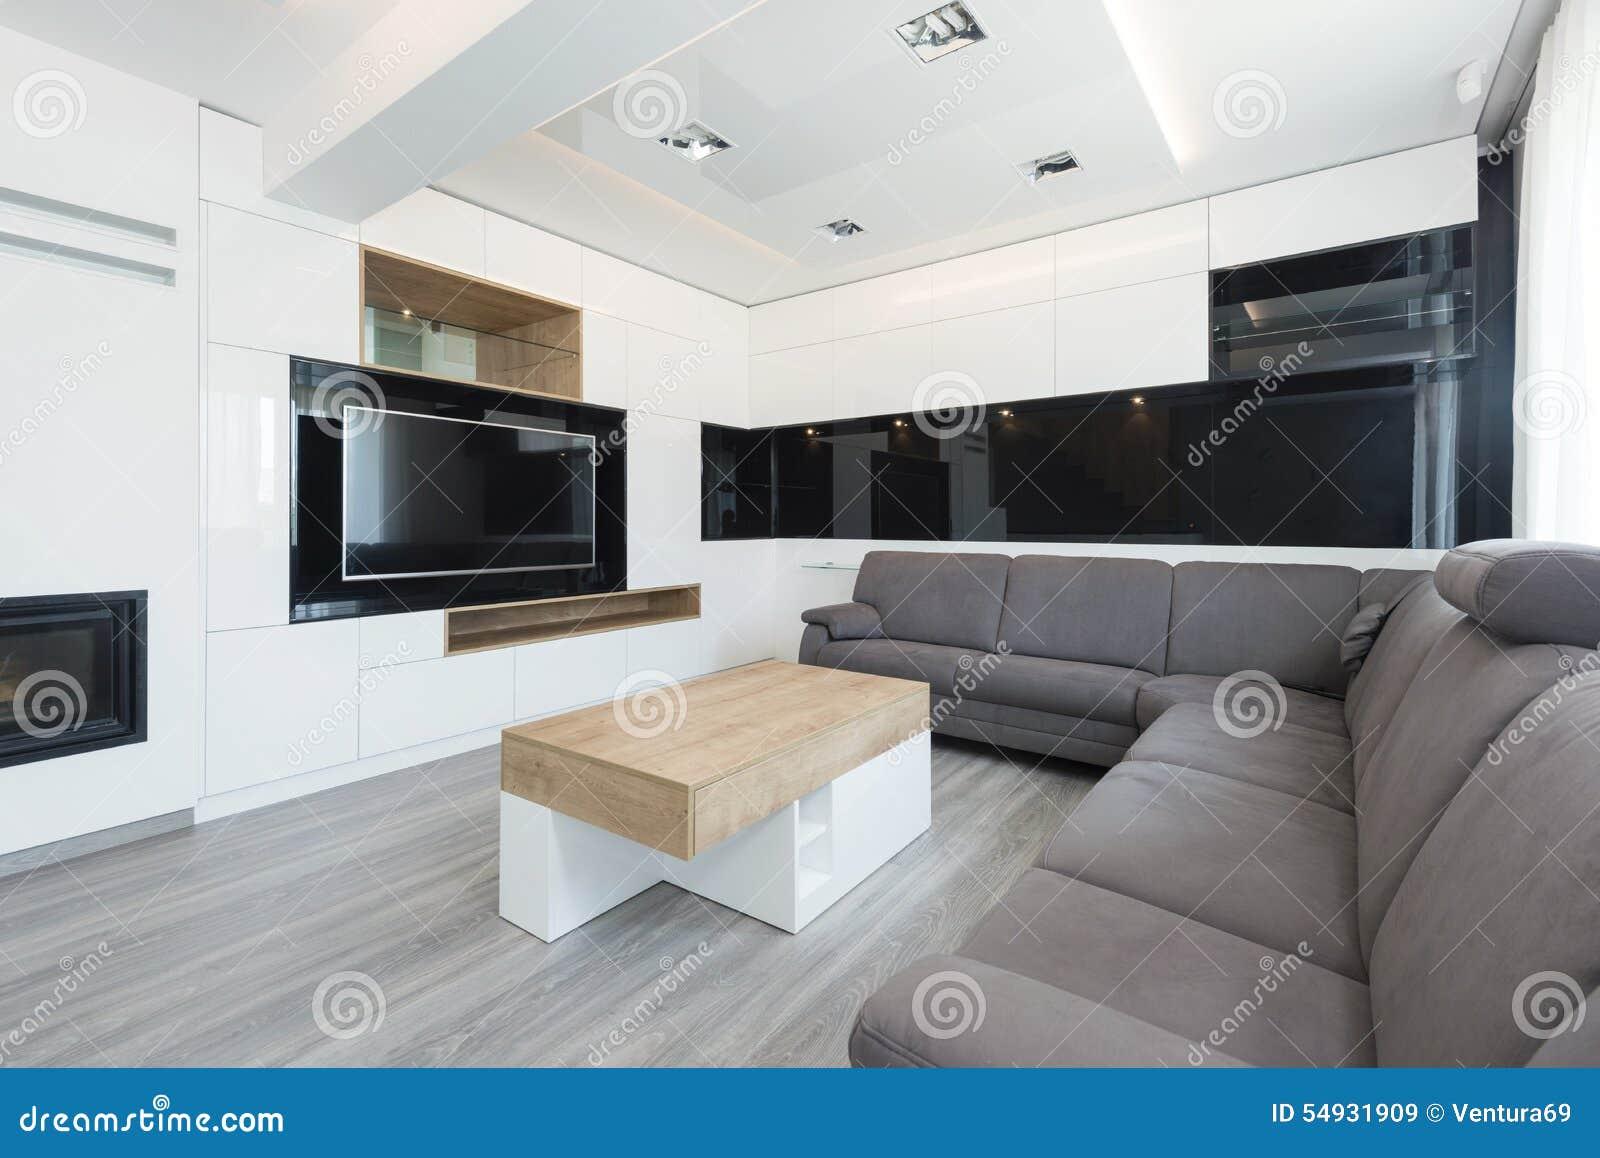 Int rieur de beau salon moderne image stock image 54931909 for Salon d appartement